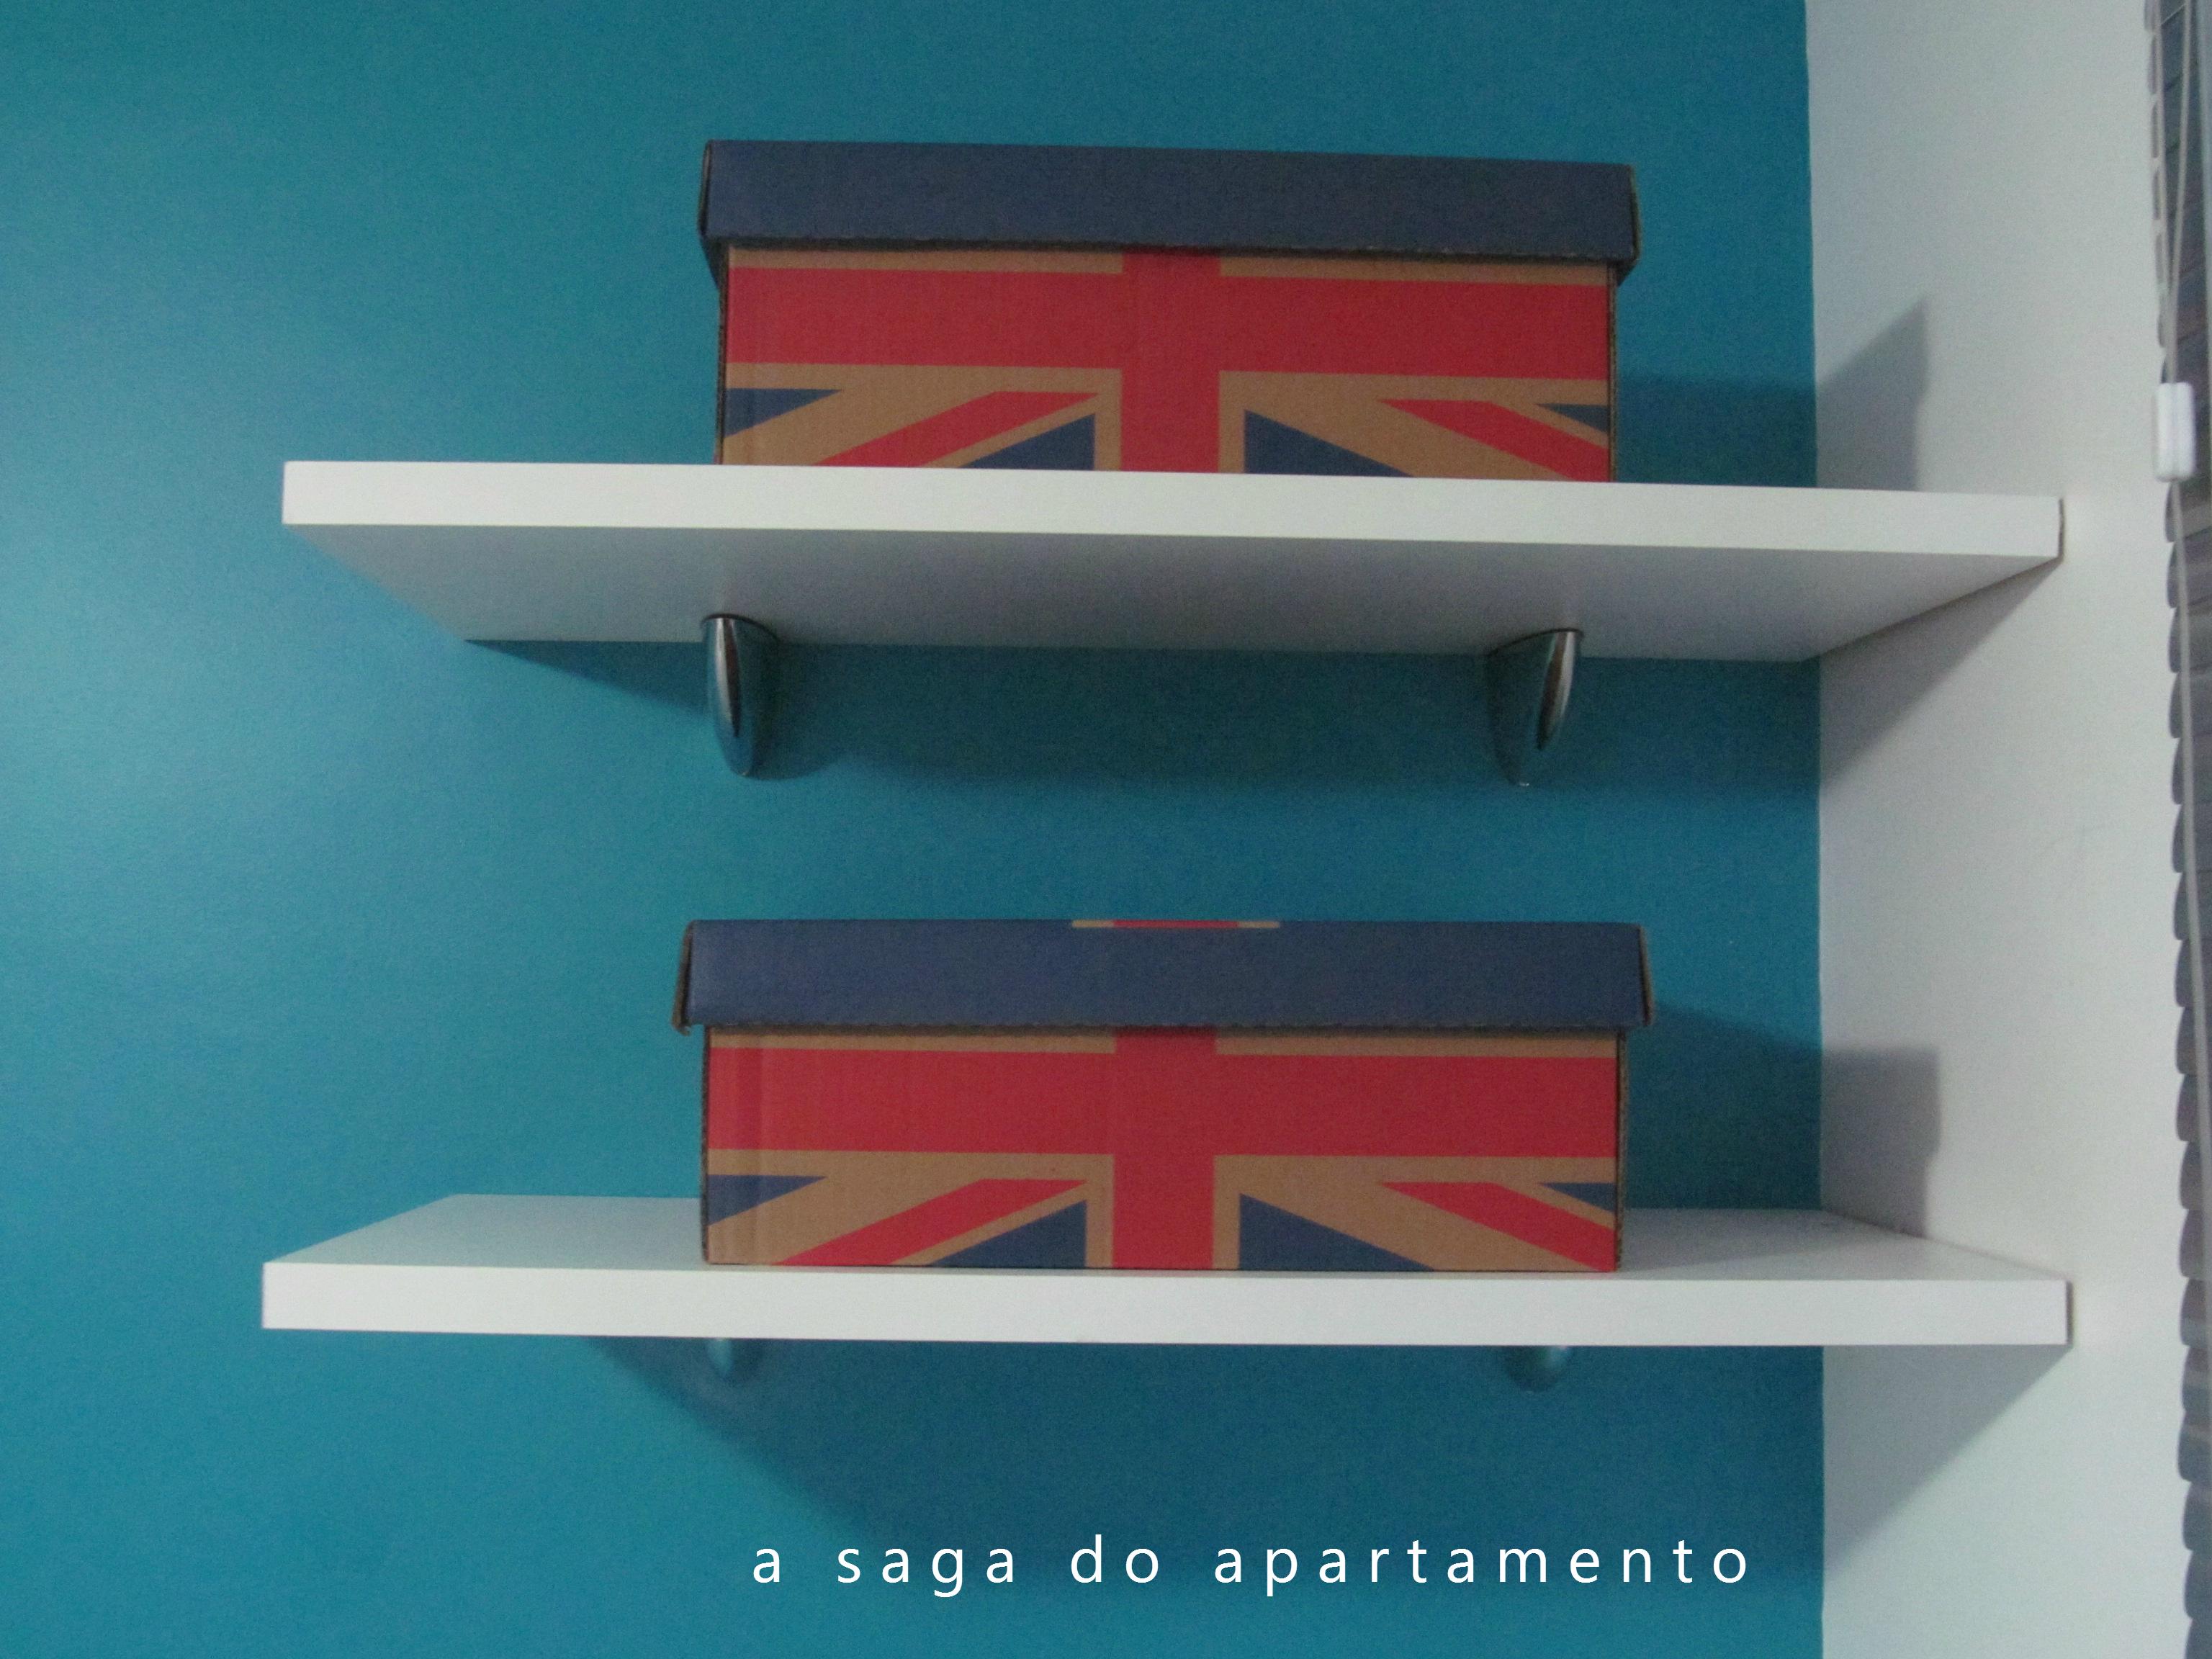 Quarto: Prateleiras Caixas Organizadoras Painel de Madeira etc #1C4F61 3072x2304